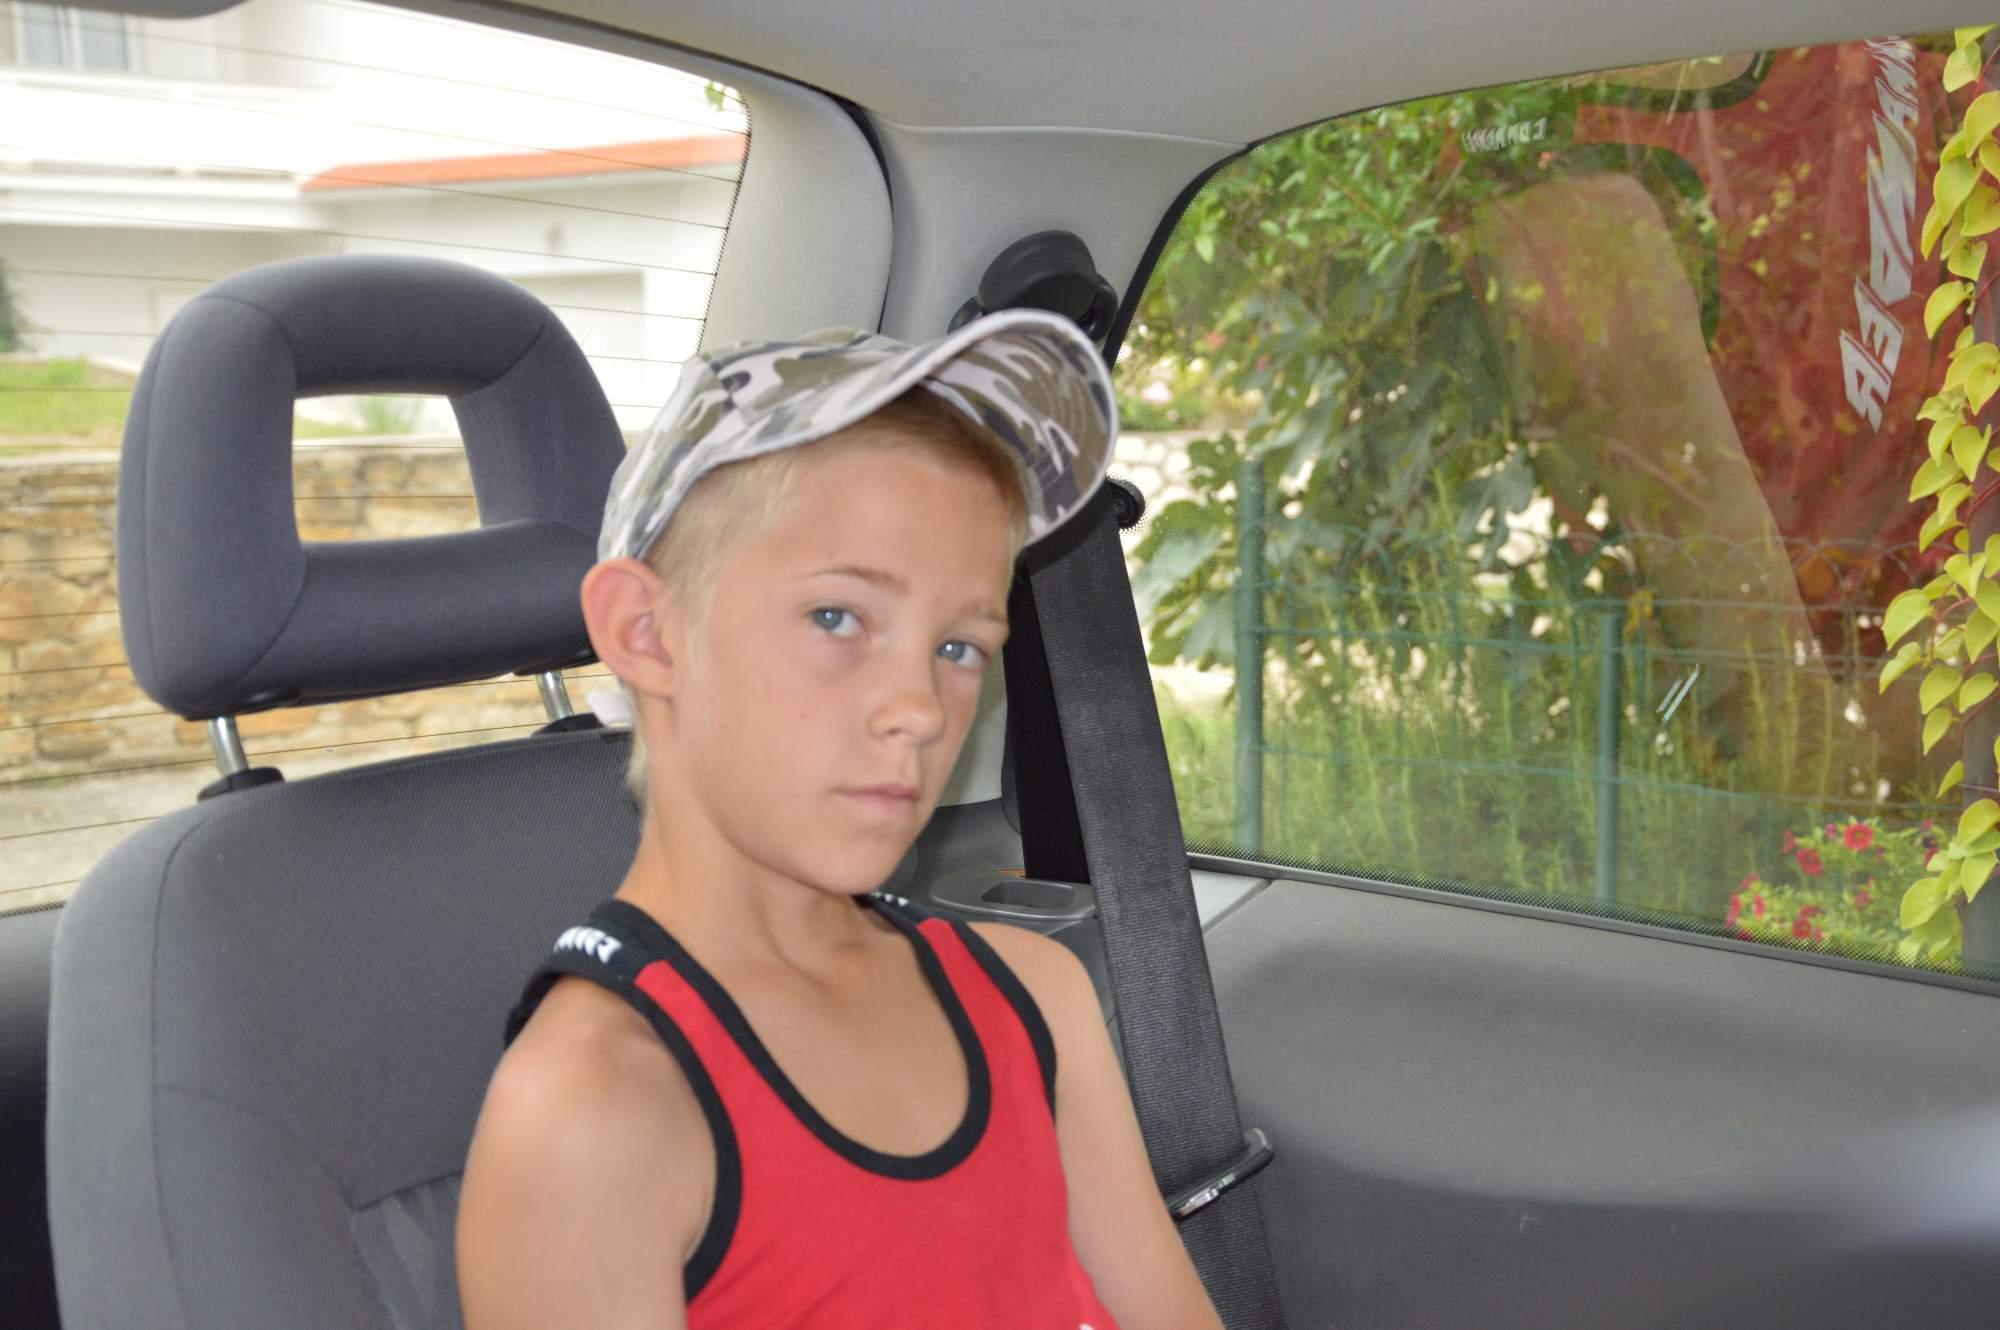 http://img19.rajce.idnes.cz/d1902/11/11369/11369498_ba1b1cc51aa2b100ecd01c05fe1b9075/images/DSC_0135.jpg